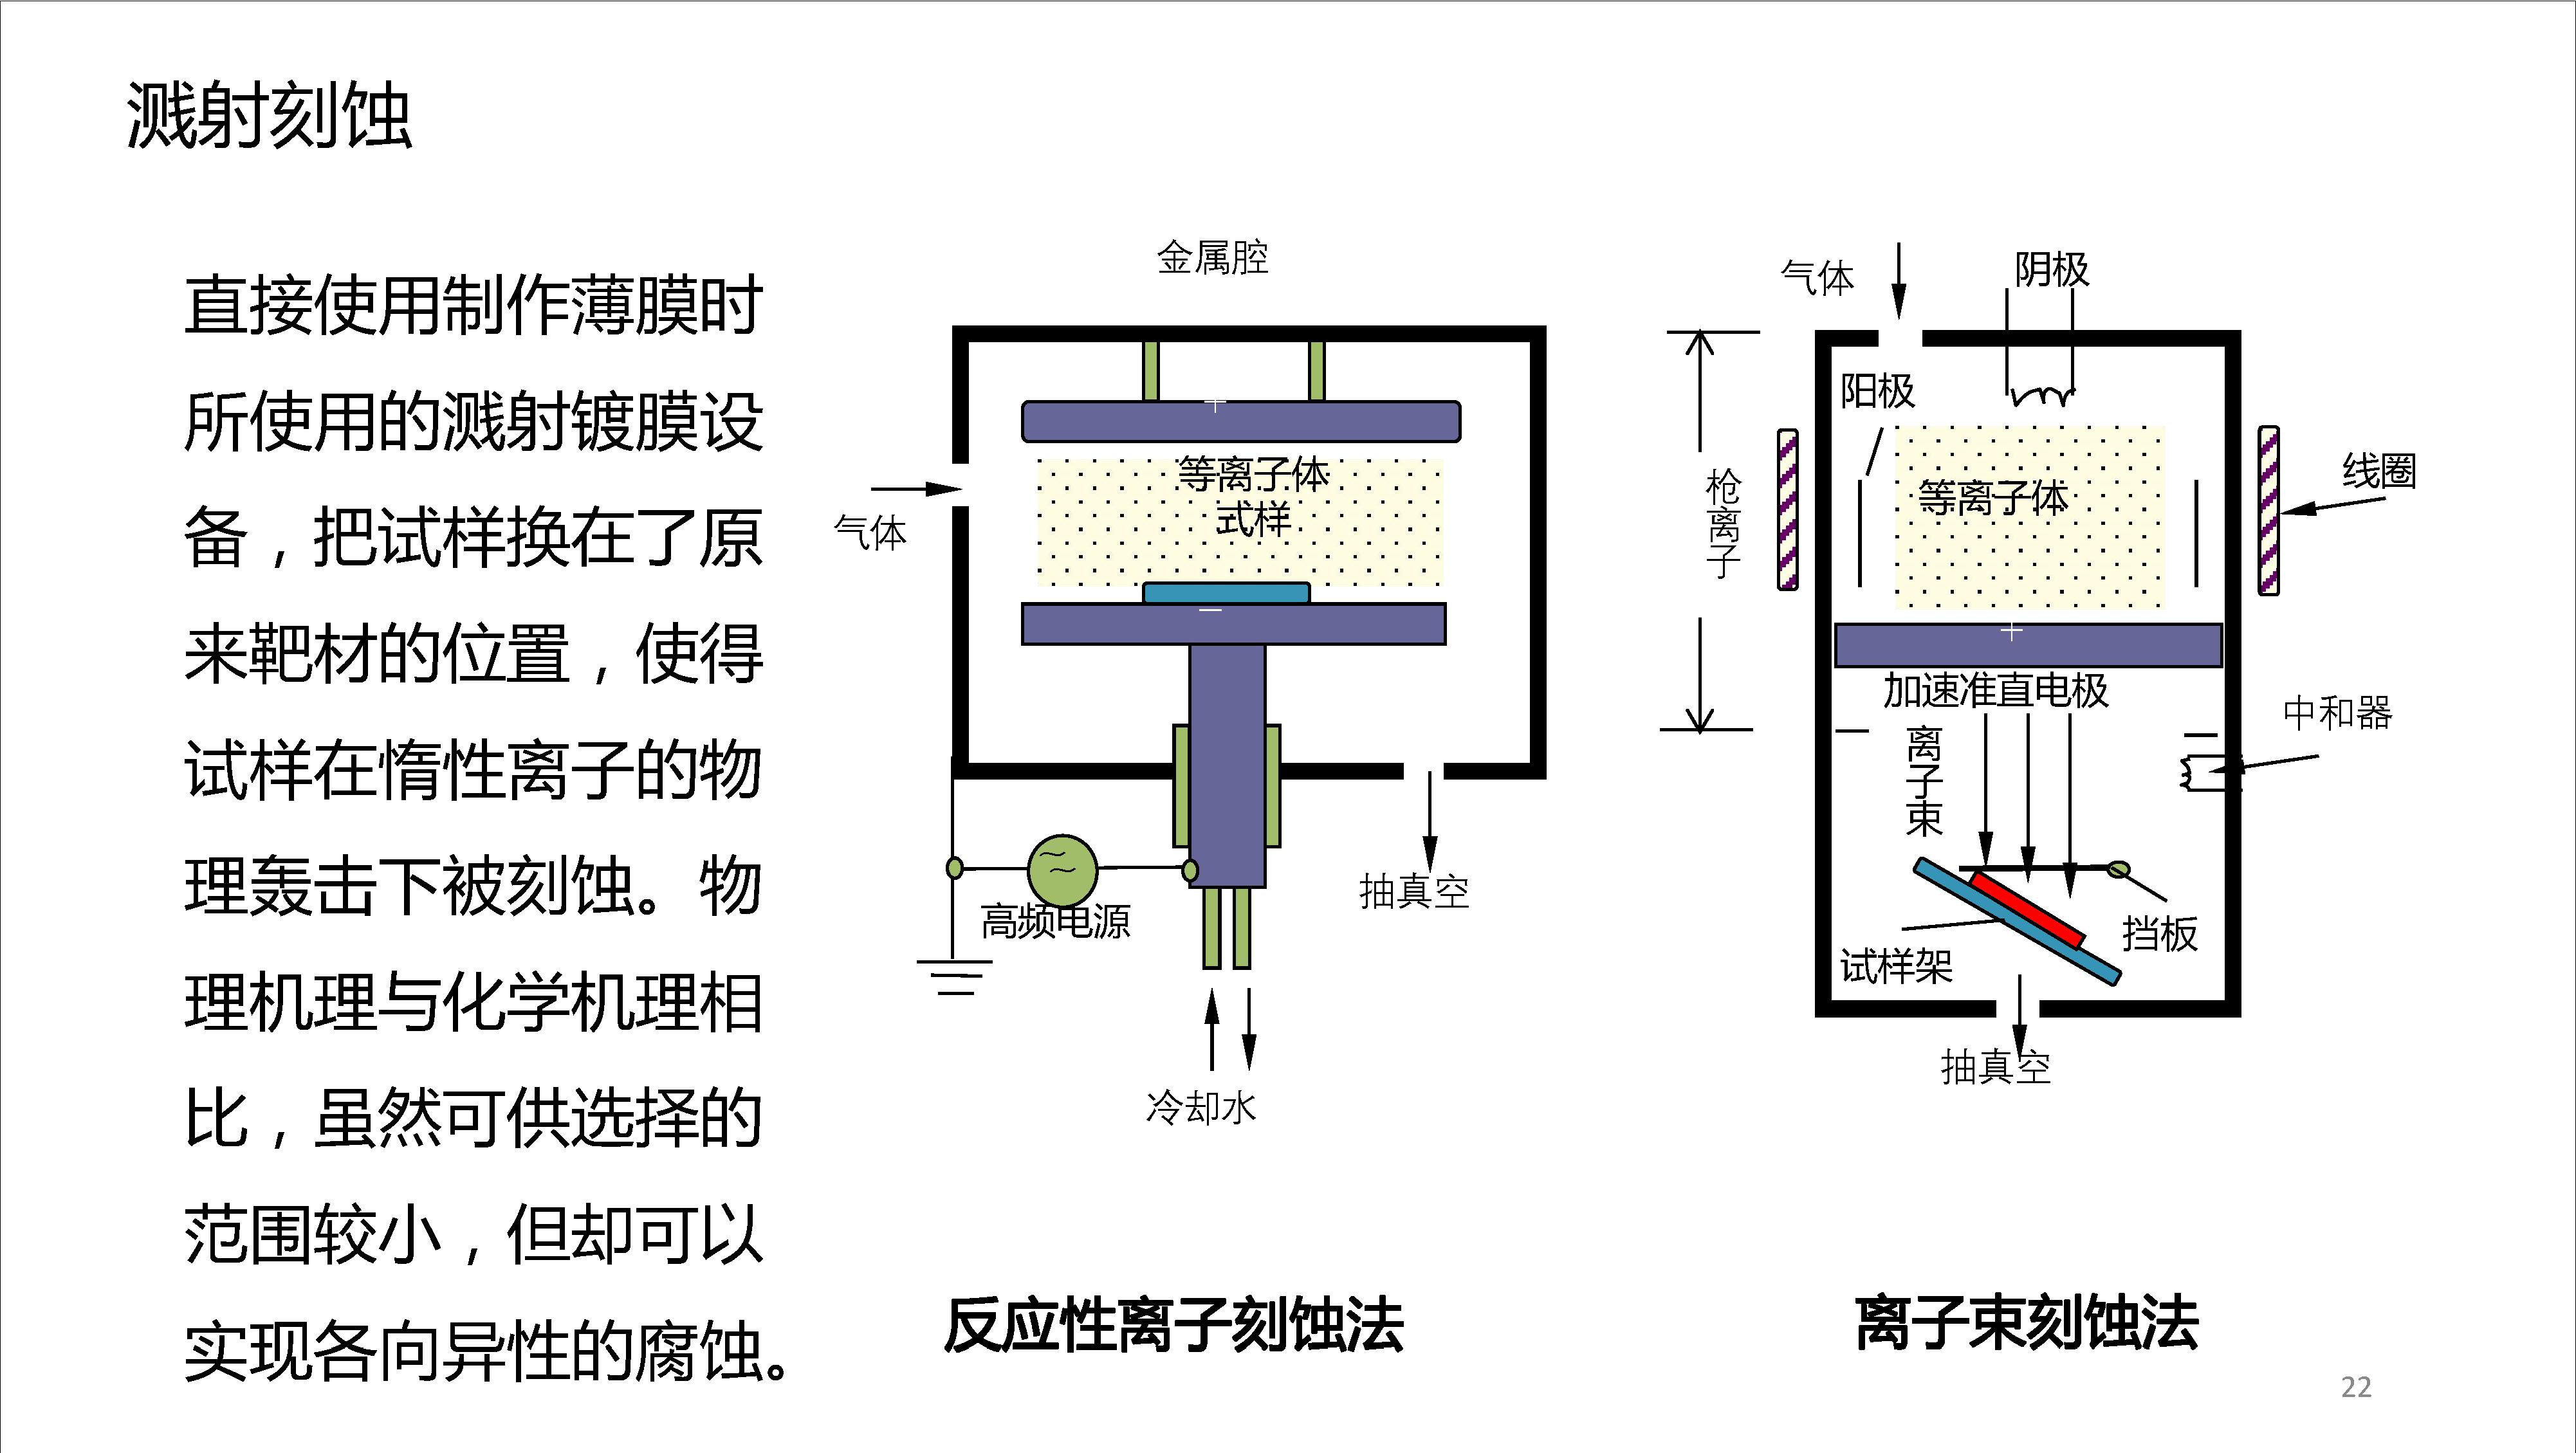 4 光波导制备技术_页面_22